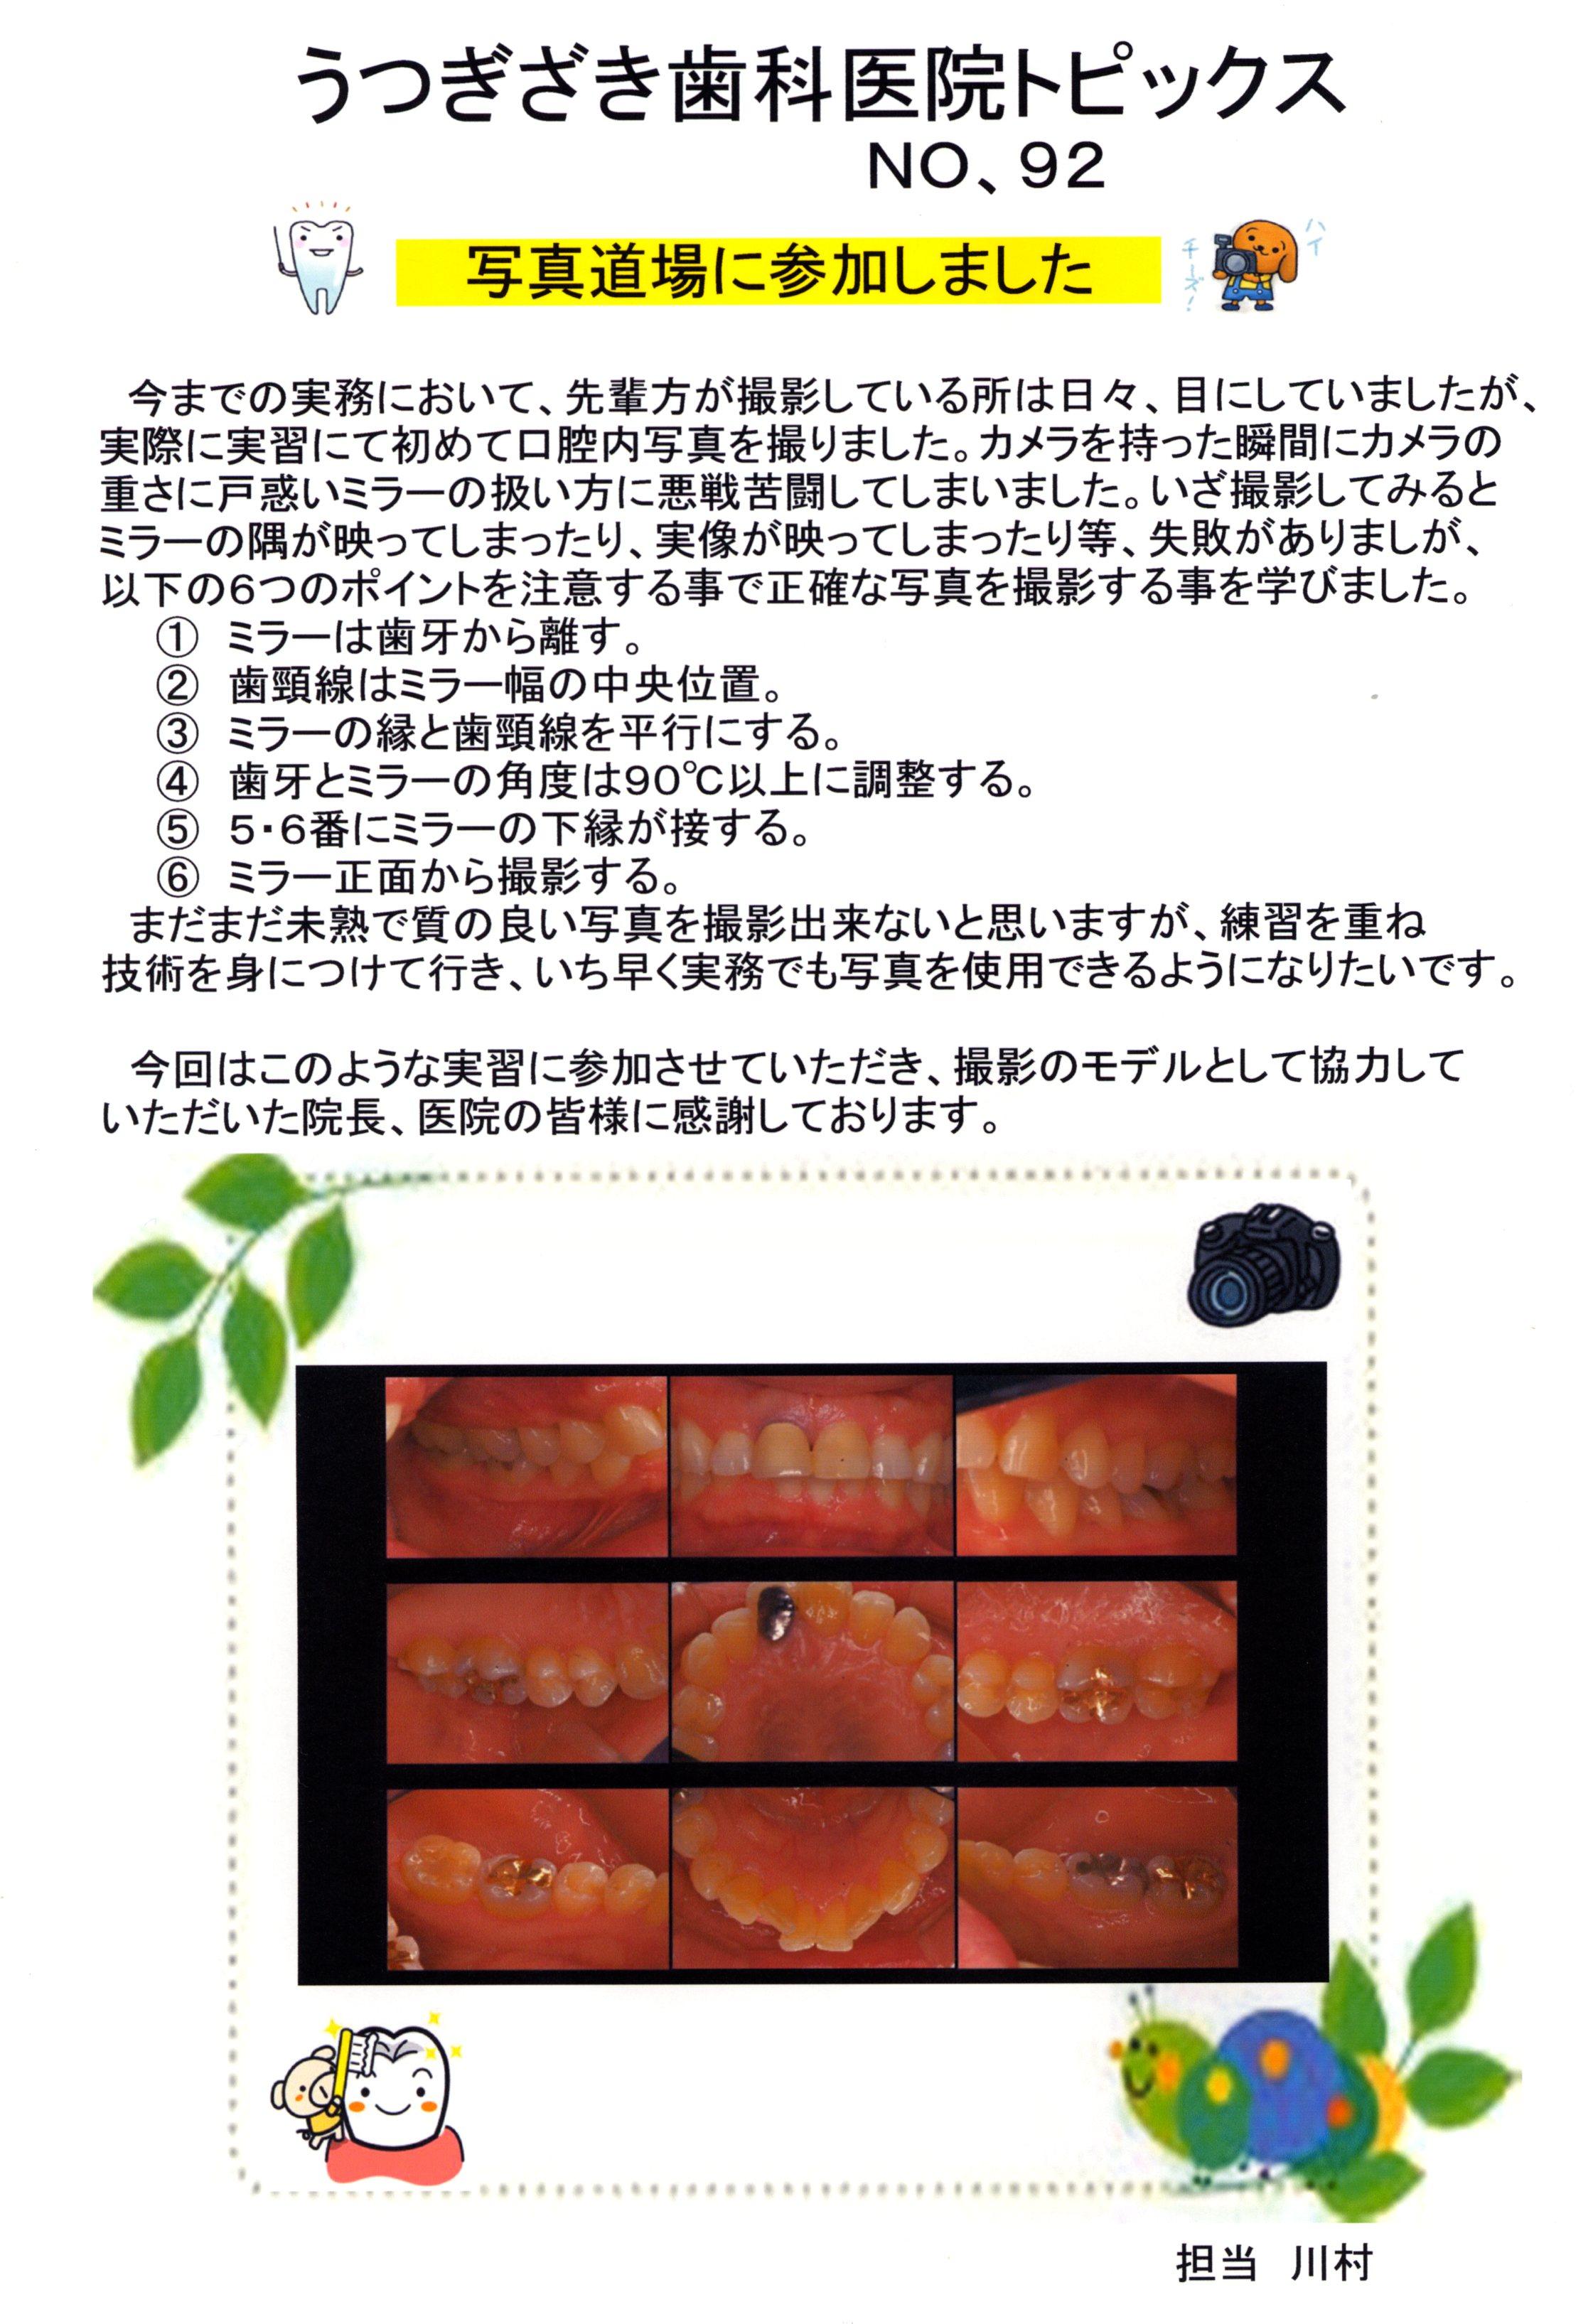 うつぎざき歯科医院トピックス NO.92